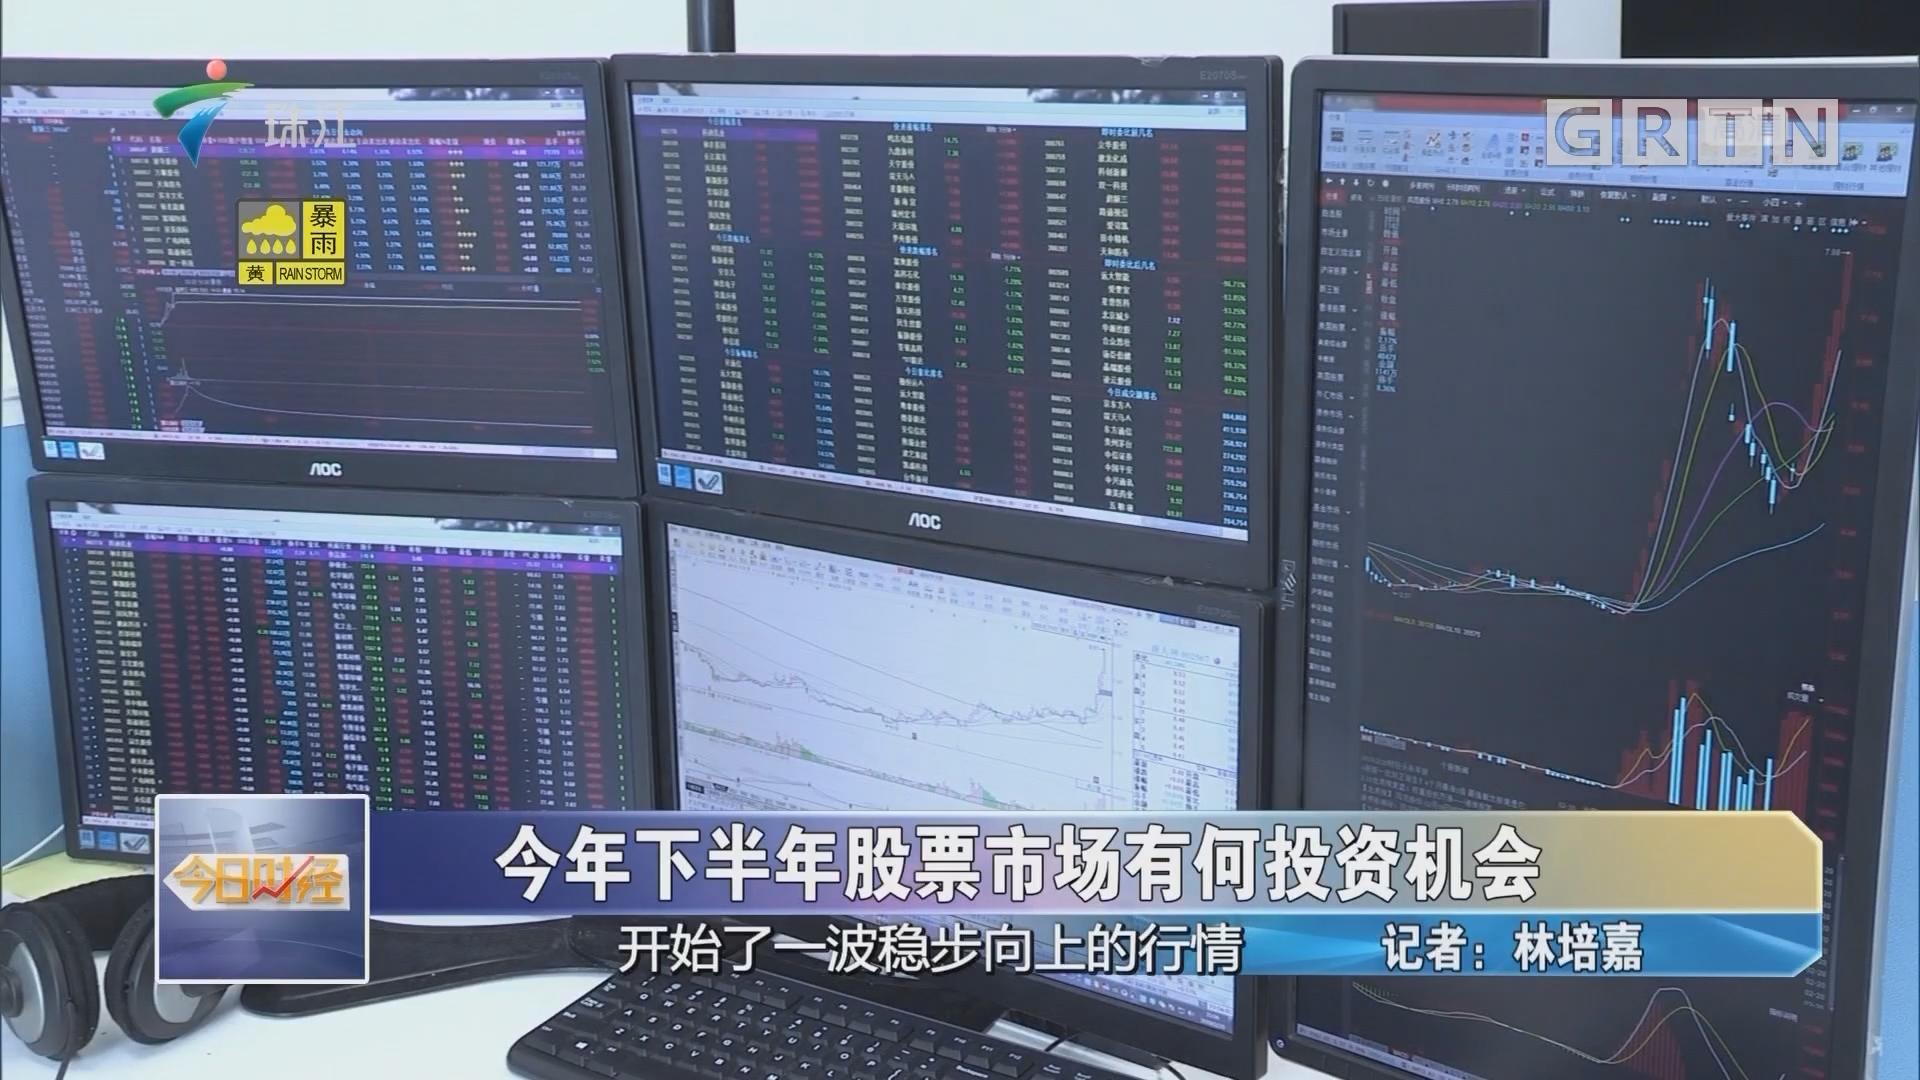 今年下半年股票市场有何投资机会